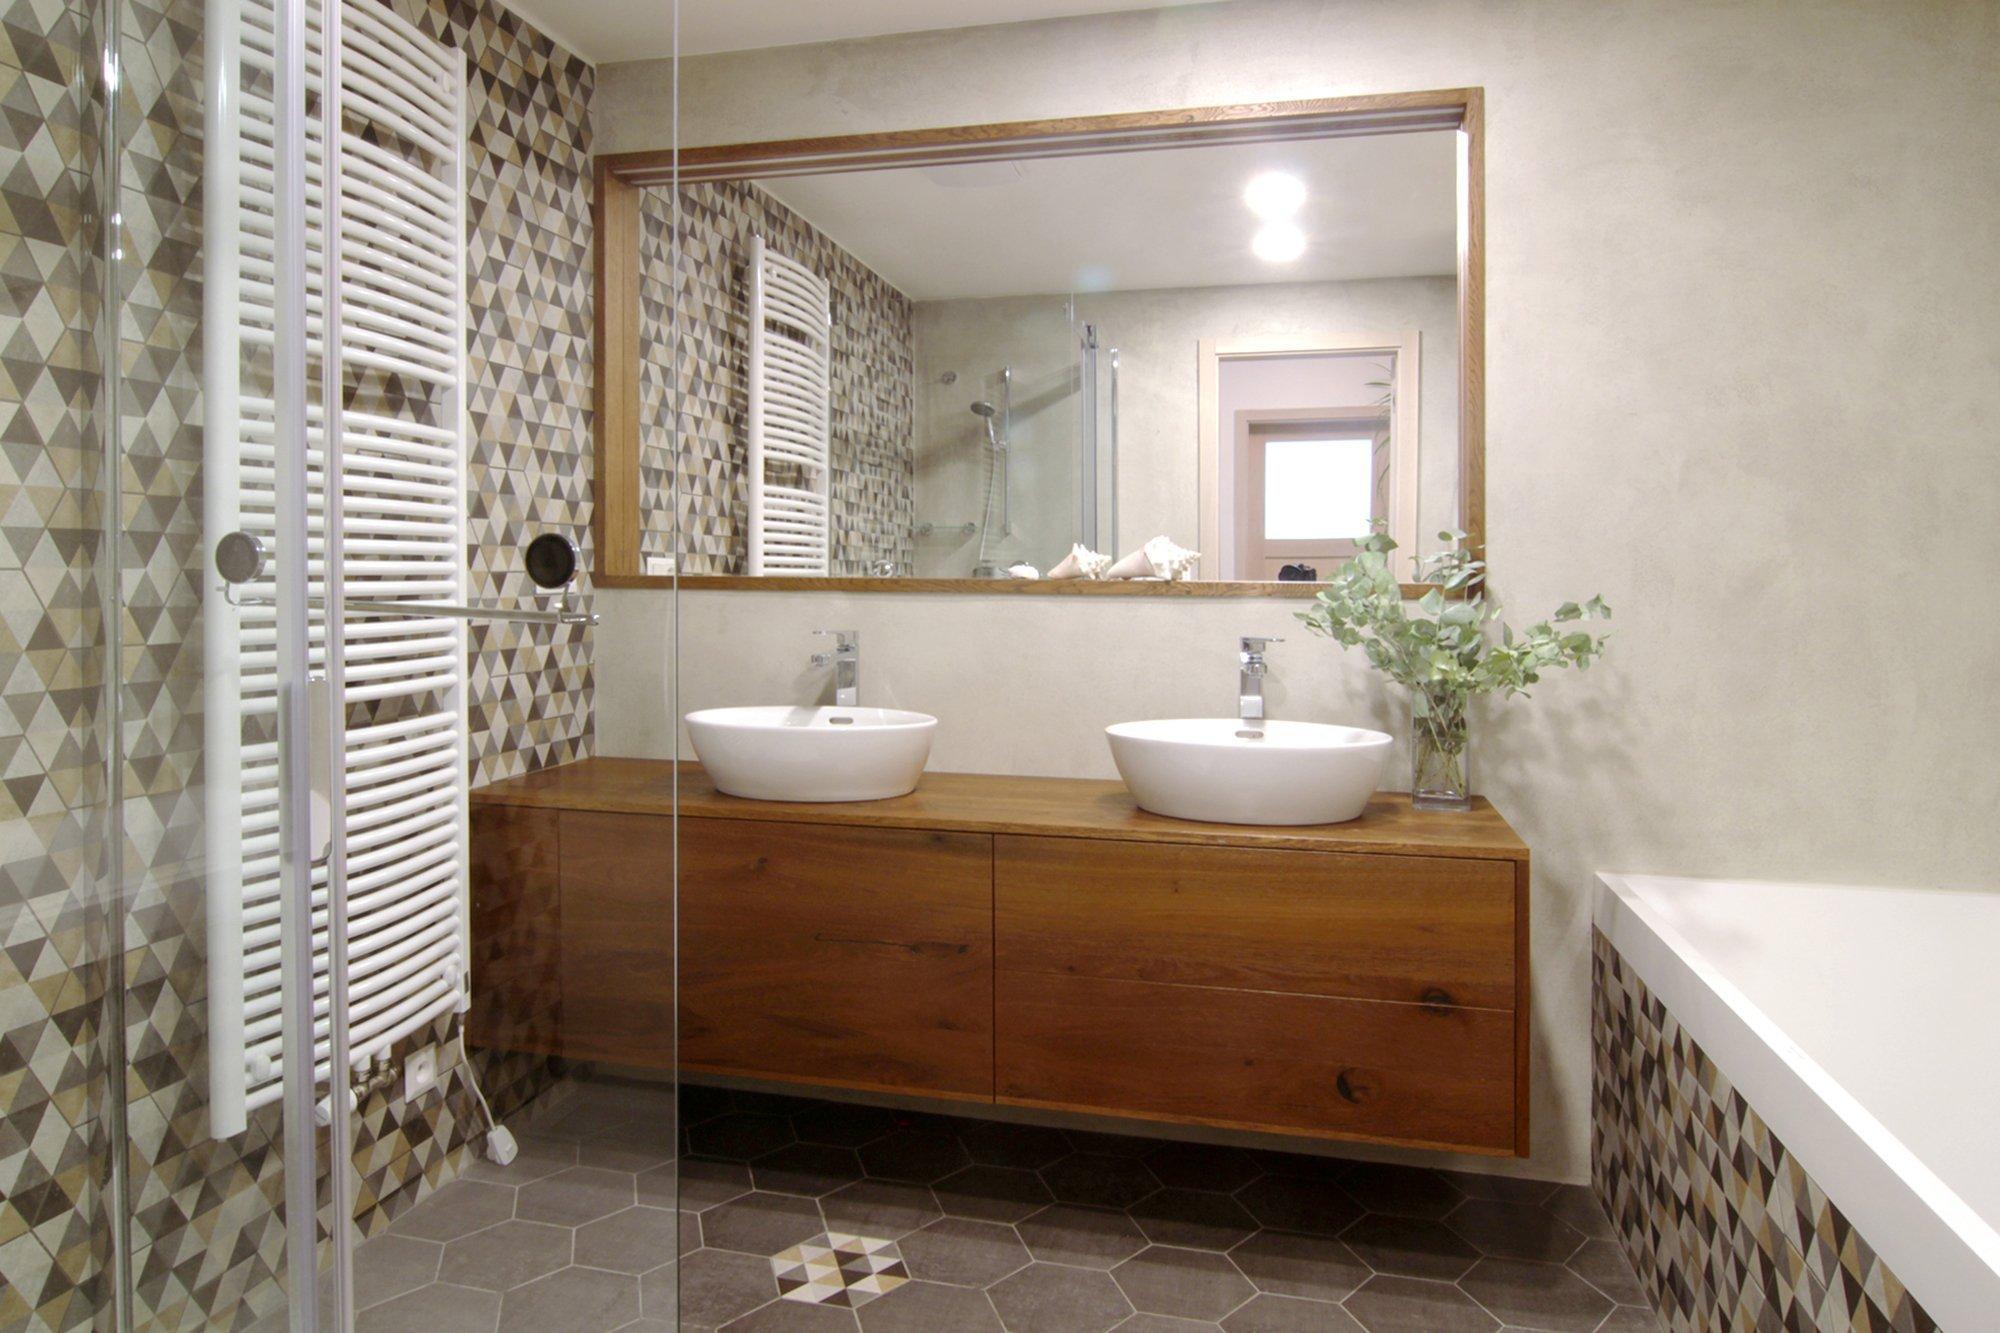 Projekt kuchyně, koupelny a WC v novostavbě u obory Hvězda. S klienty jsme spolupracovali už při výběru bytu ke koupi a stavebních změnách před jeho dokončením…